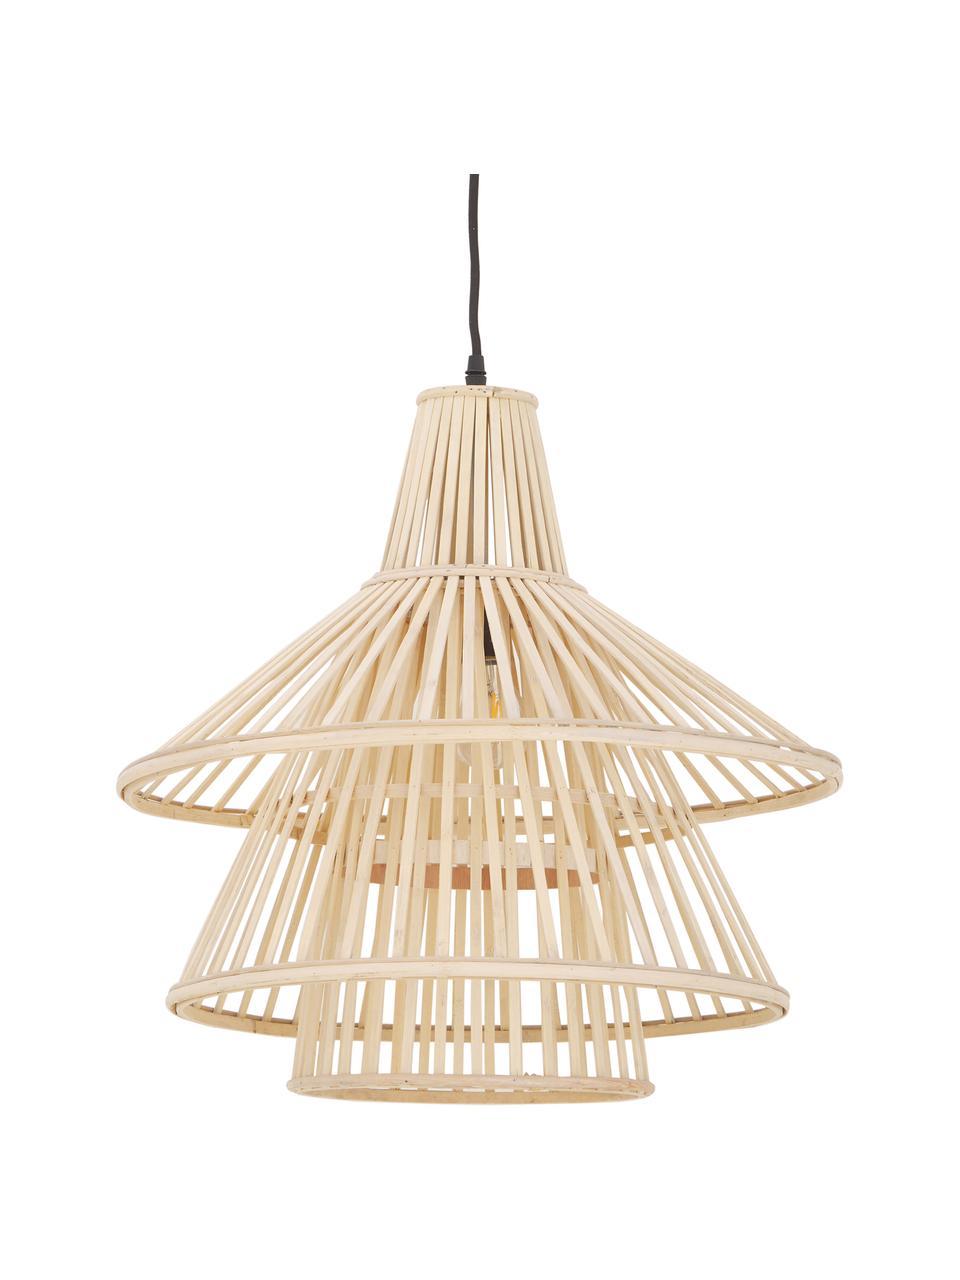 Design Pendelleuchte Kamil aus Bambus, Lampenschirm: Bambus, Baldachin: Kunststoff, Beige, Schwarz, Ø 48 x H 51 cm